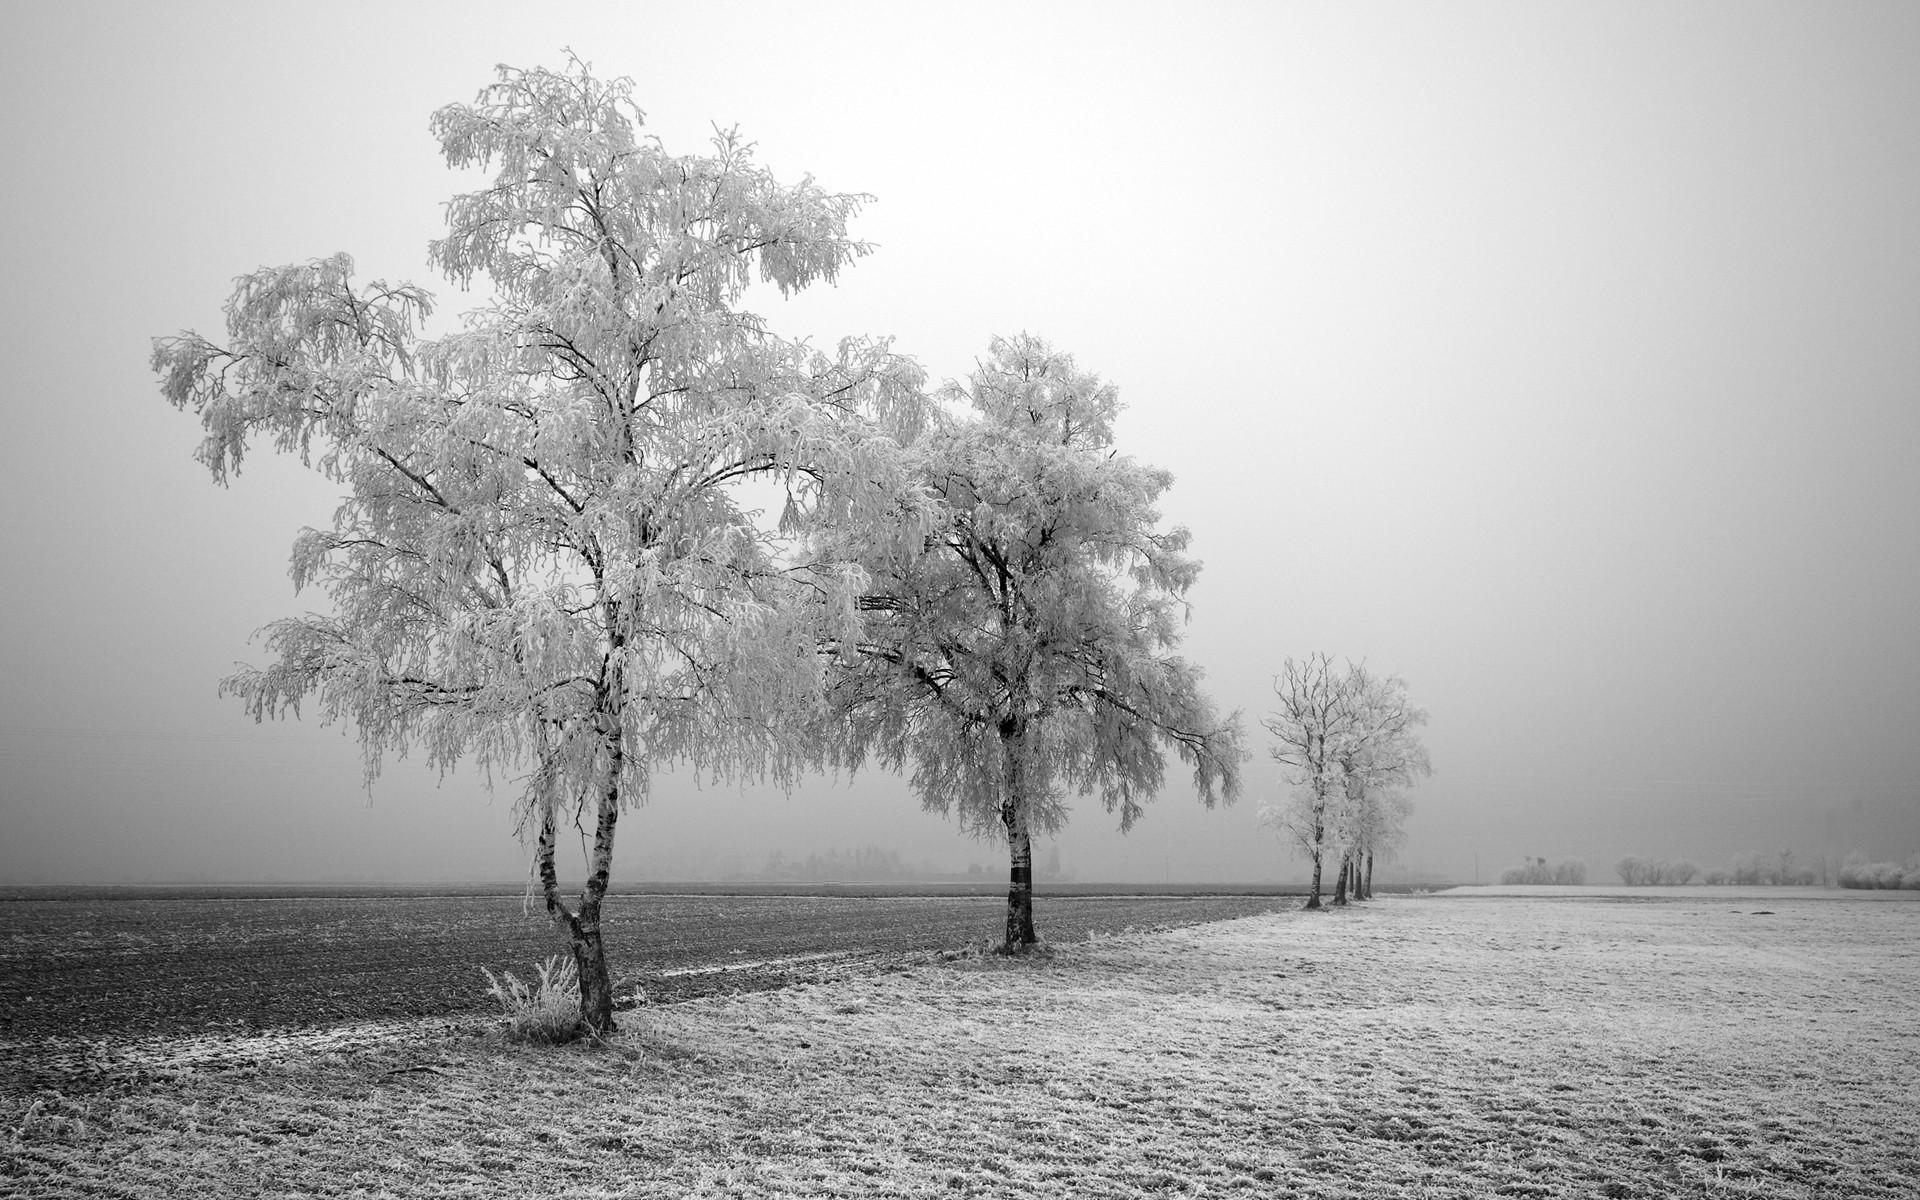 зимние деревья фото черно белые здесь